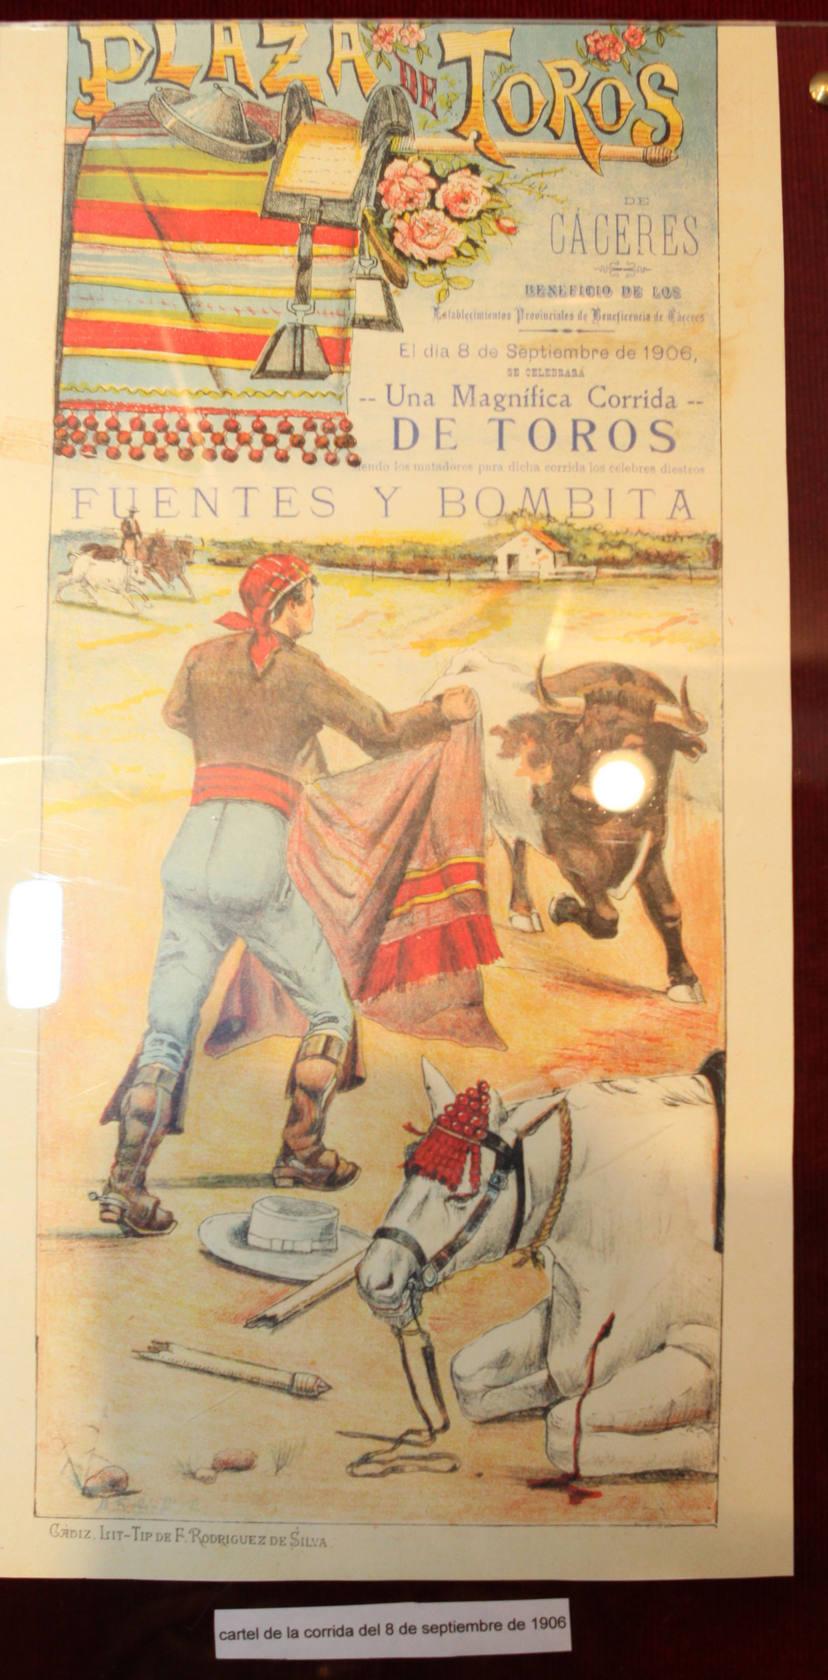 El Museo Municipal recoge documentos que recrean el pasado y el presente de la Plaza de Toros de Cáceres